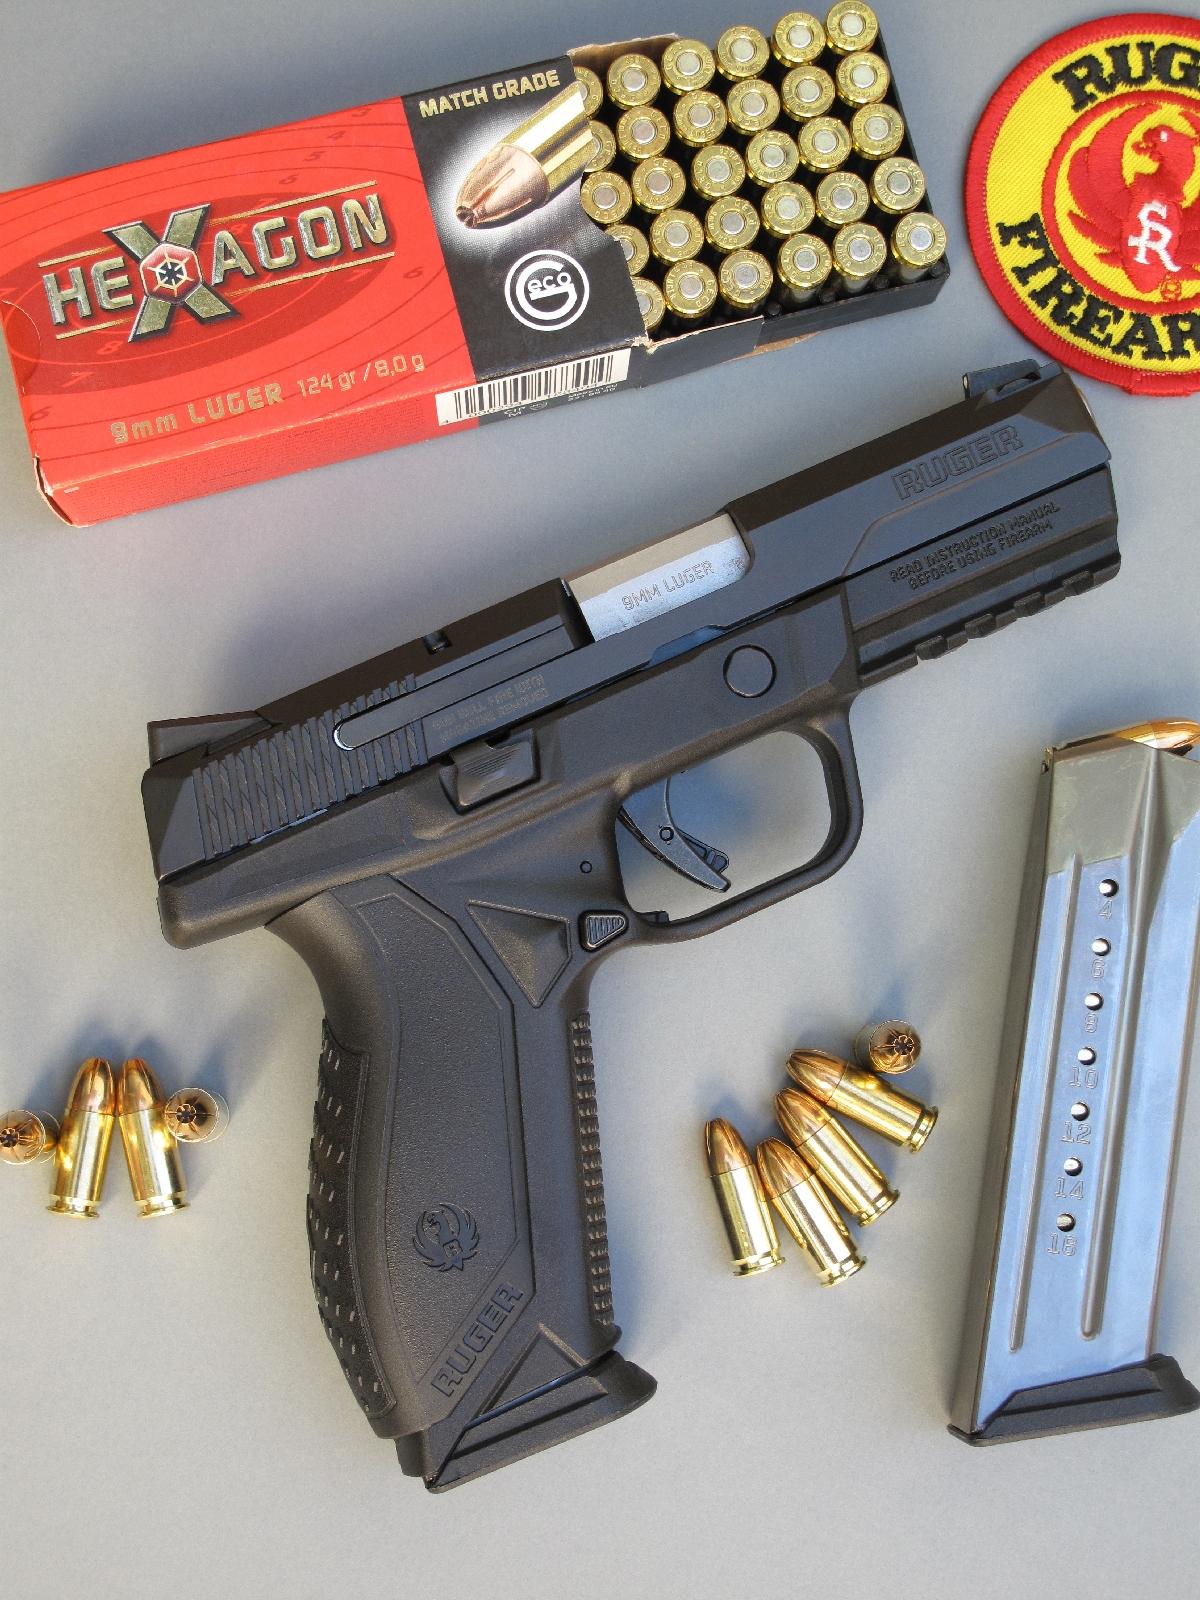 Sur le plan ergonomique, le Ruger American Pistol se démarque essentiellement par sa poignée munie de dos interchangeables, son arrêtoir de culasse et son bouton-poussoir de déverrouillage de chargeur qui sont tous deux ambidextres.